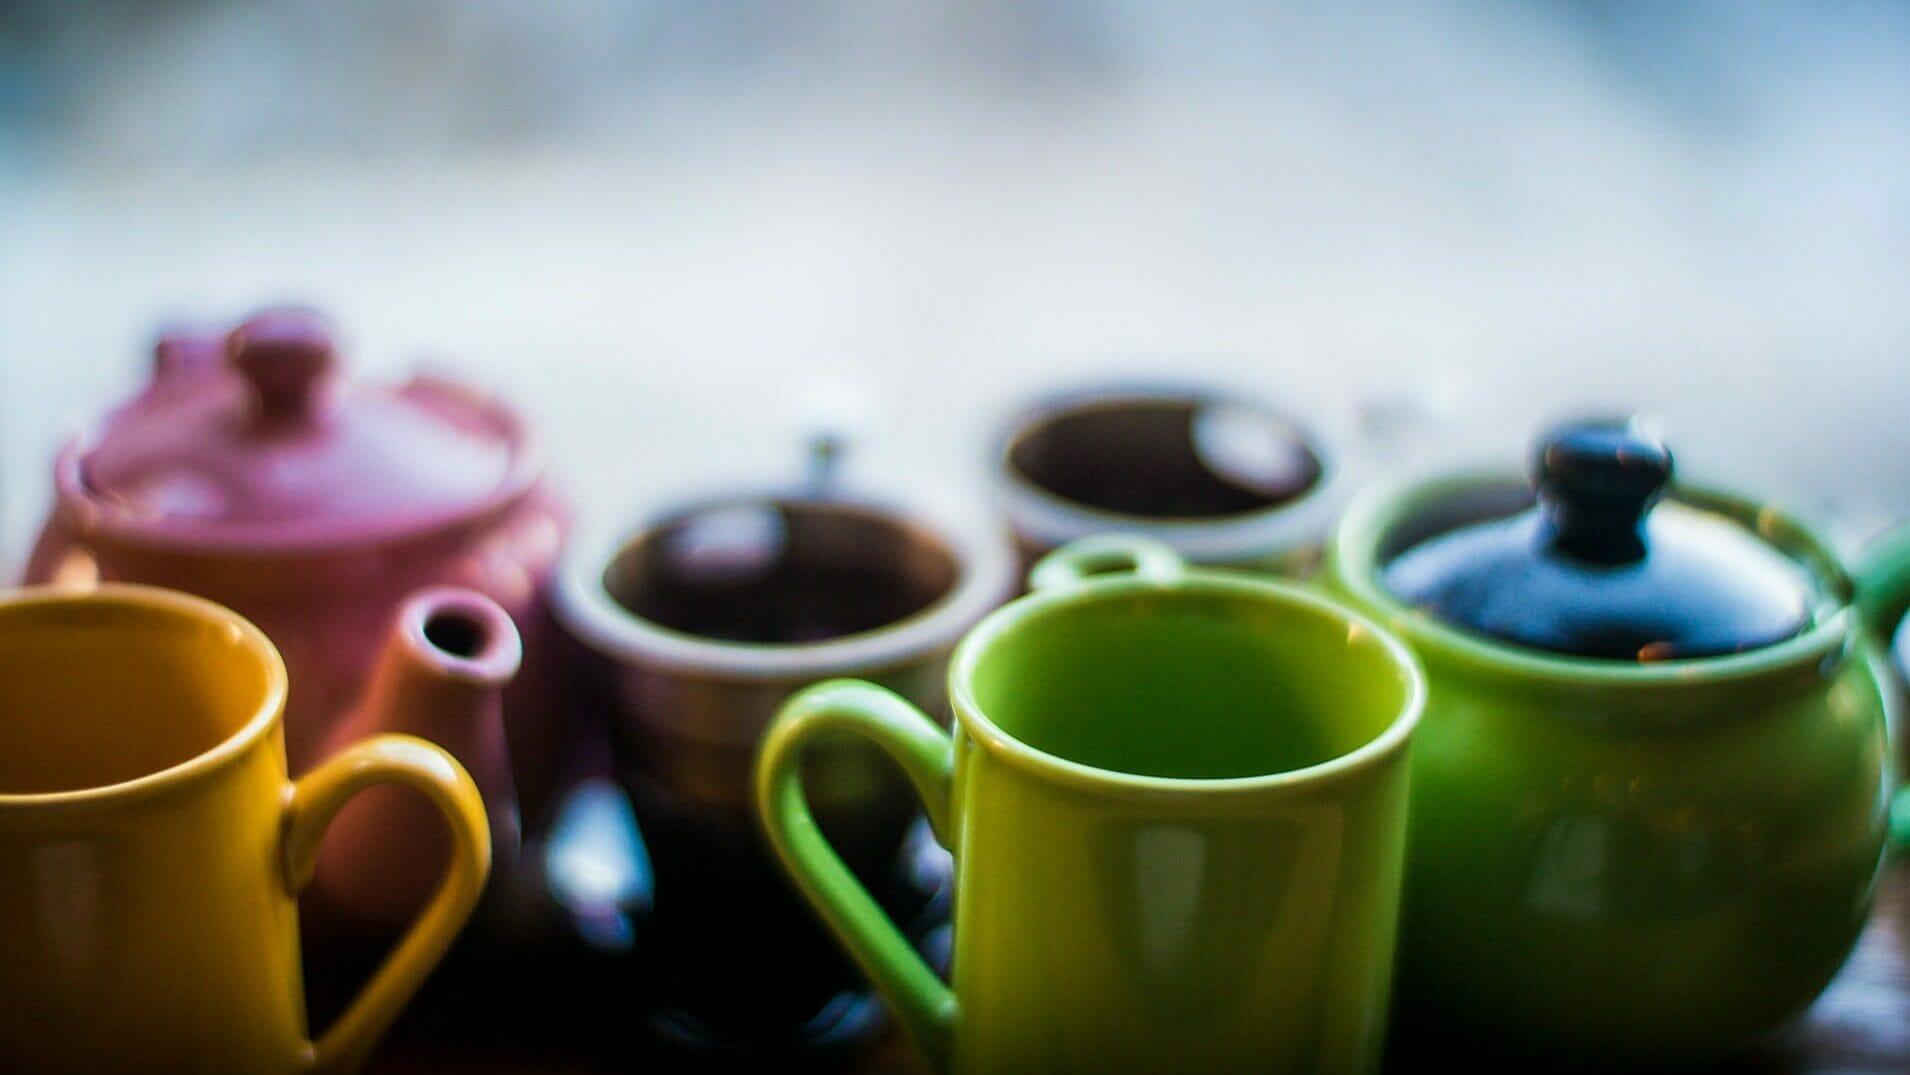 並ぶカップ